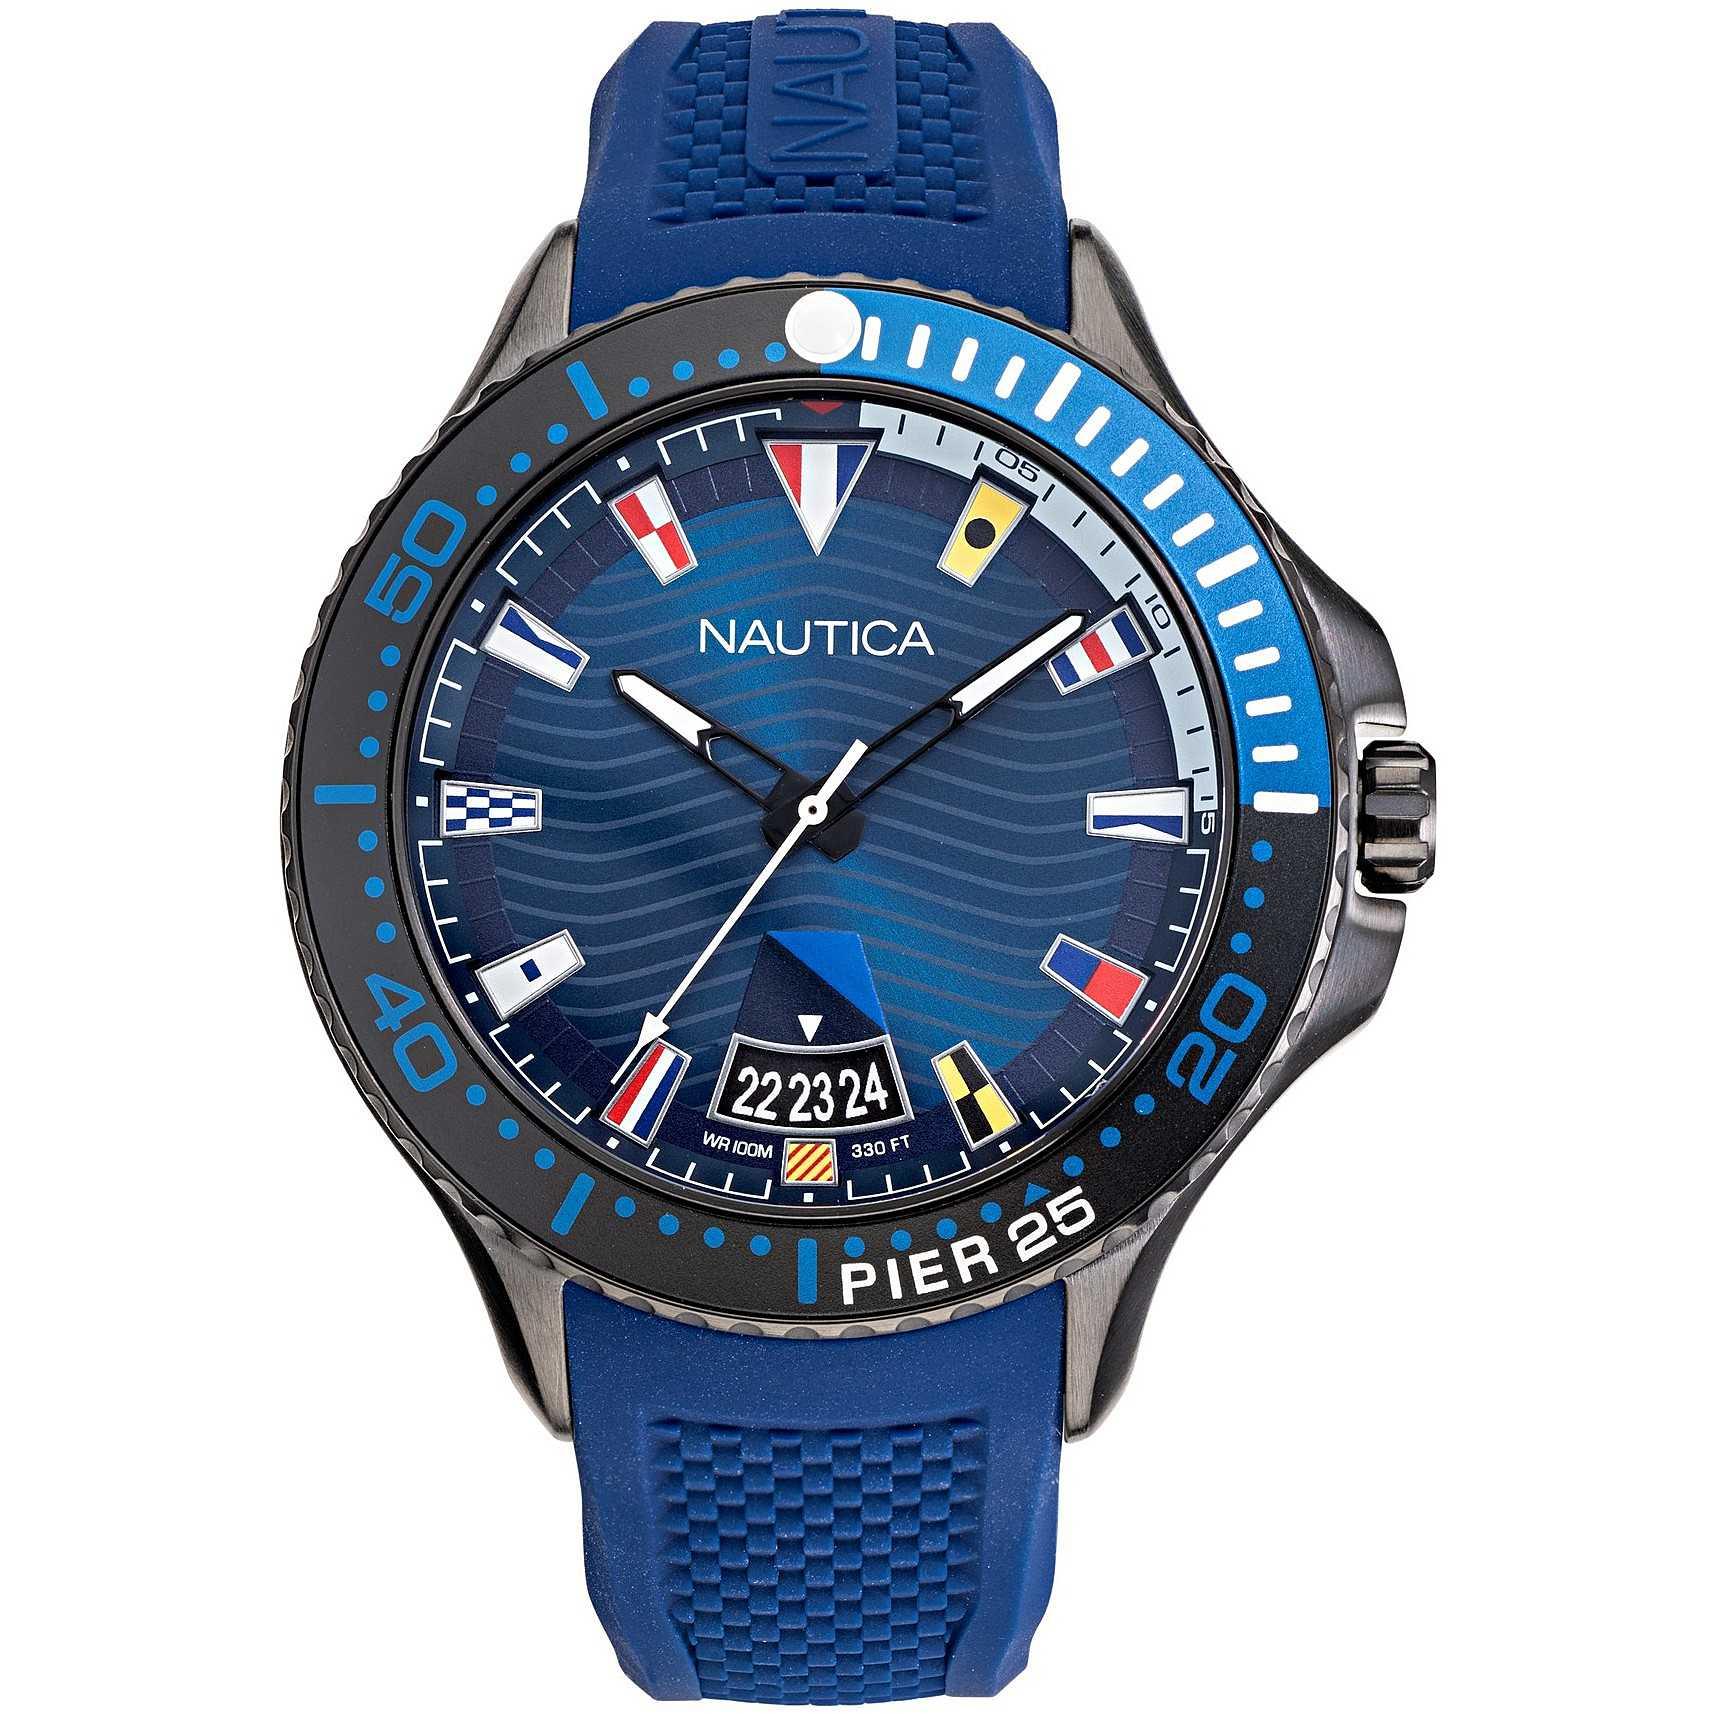 orologio solo tempo uomo Nautica Pier 25 NAPP25F08